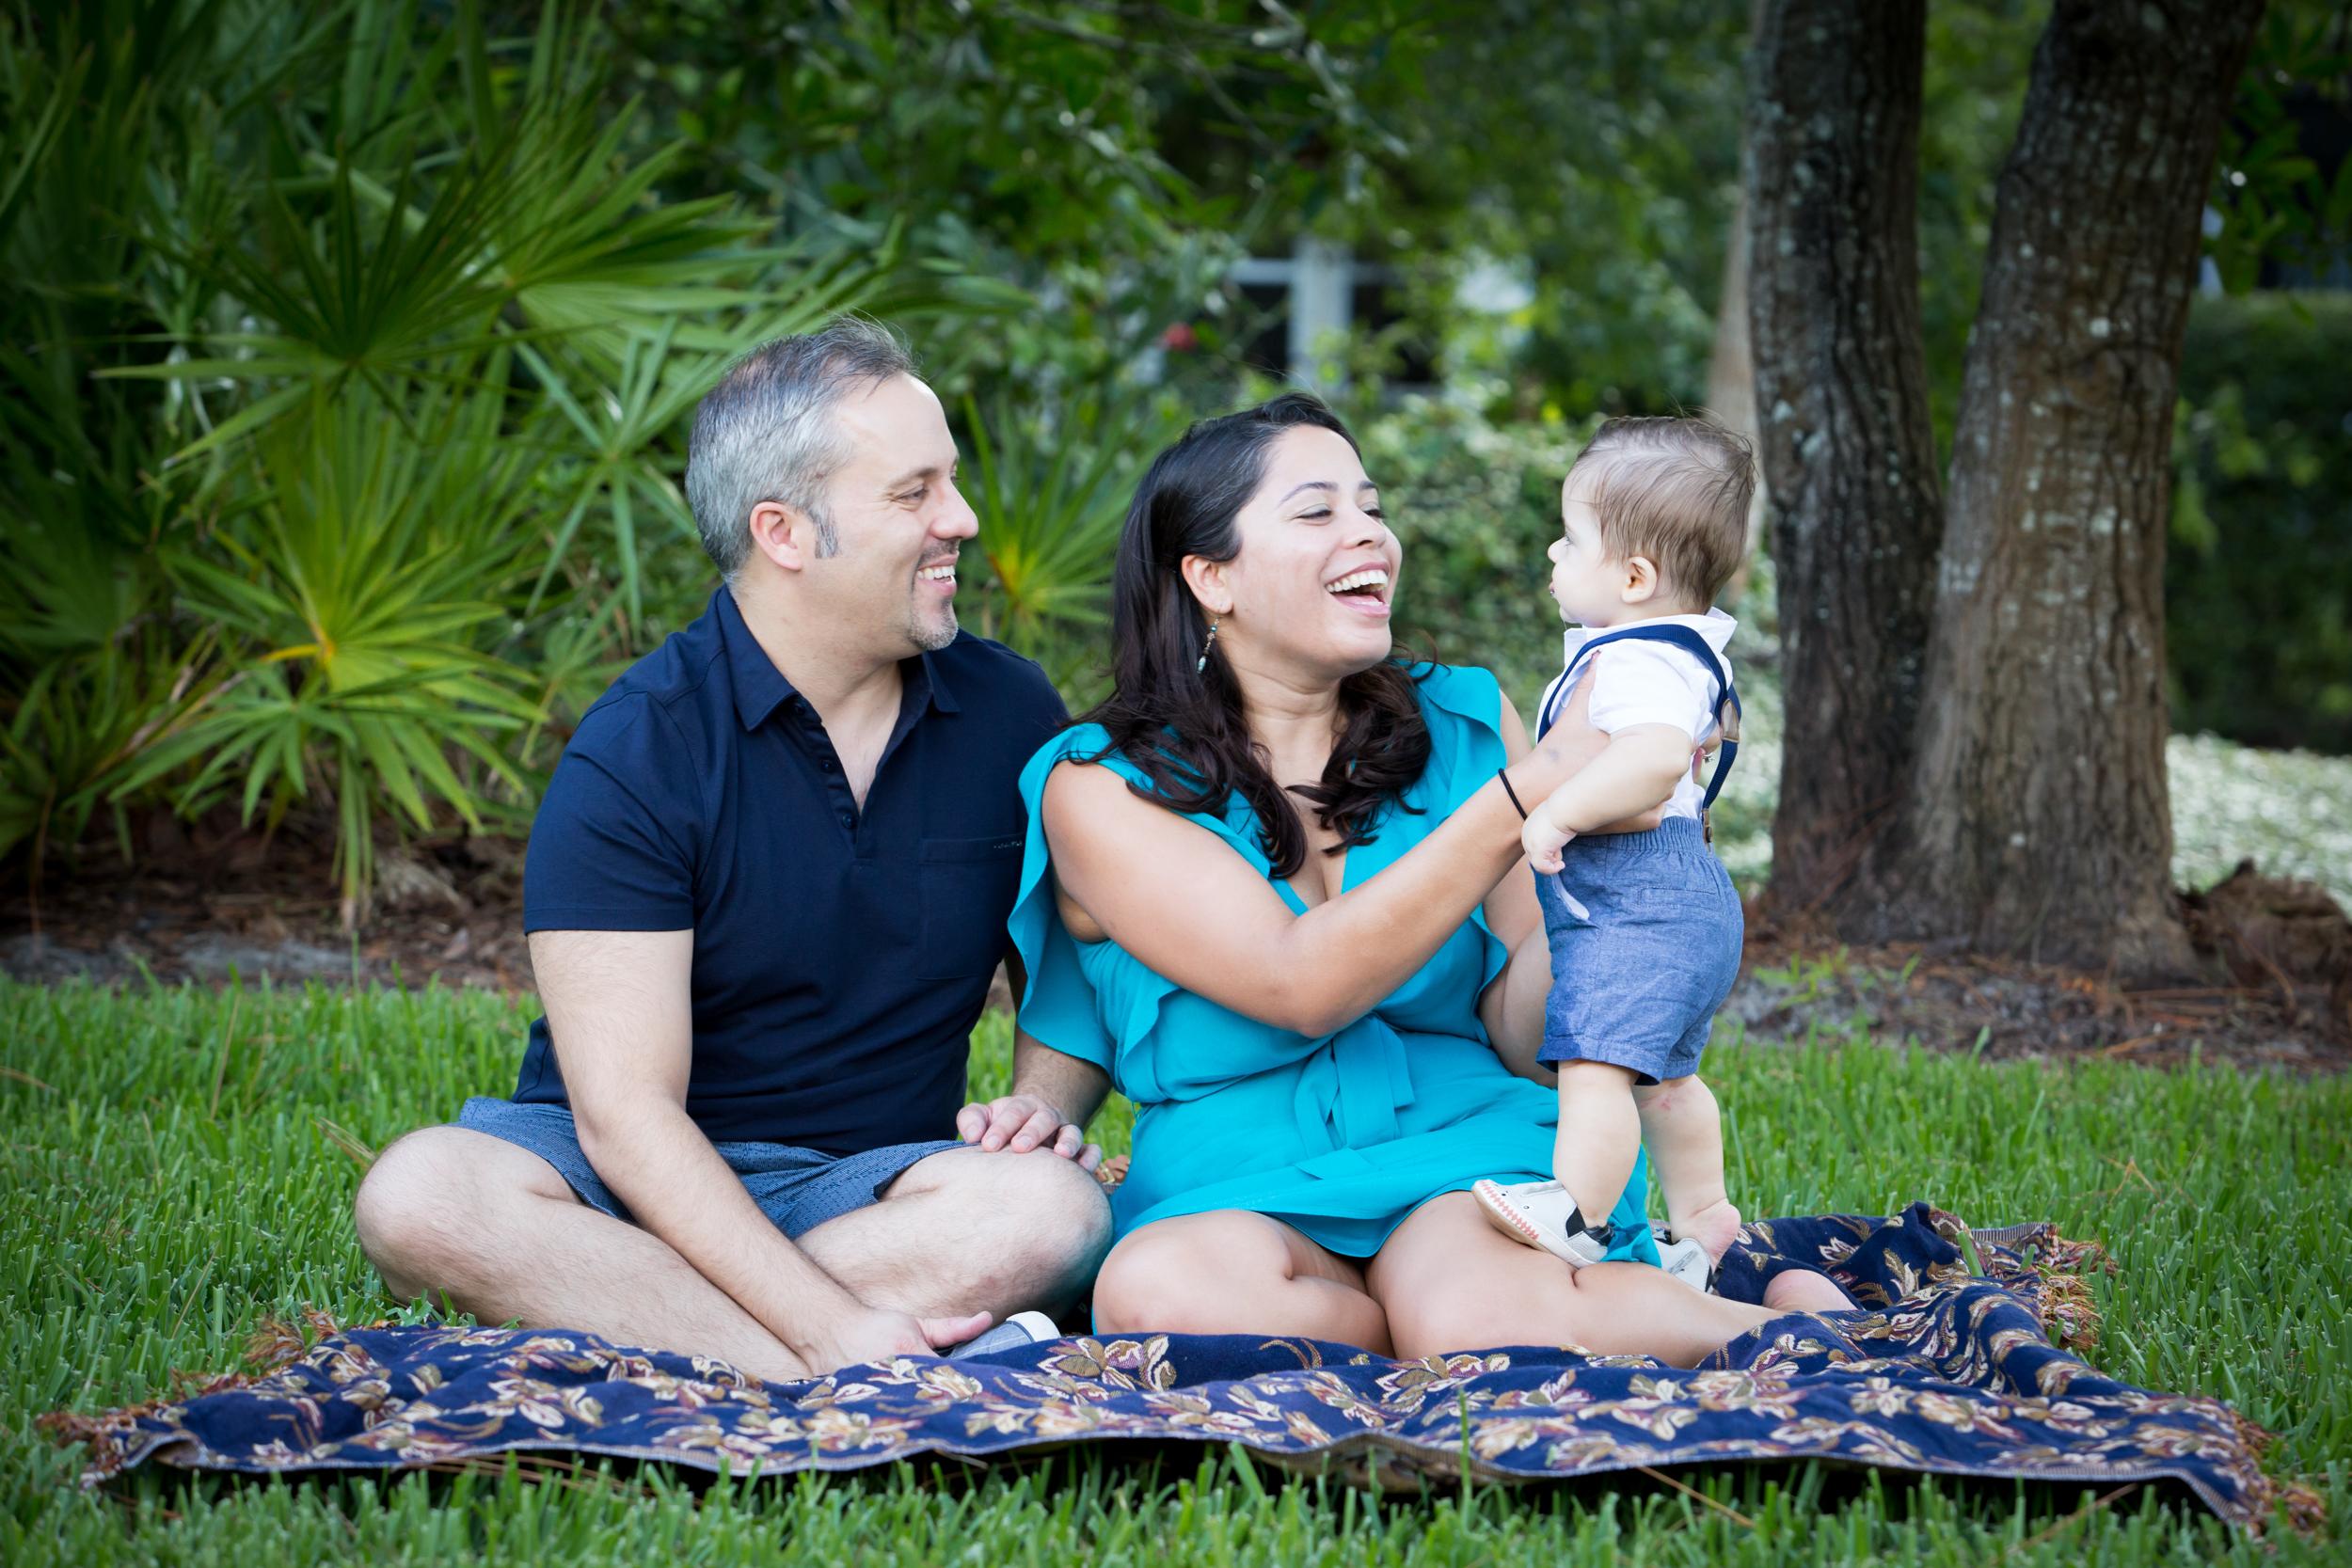 jacksonville-family-photographer-3.jpg